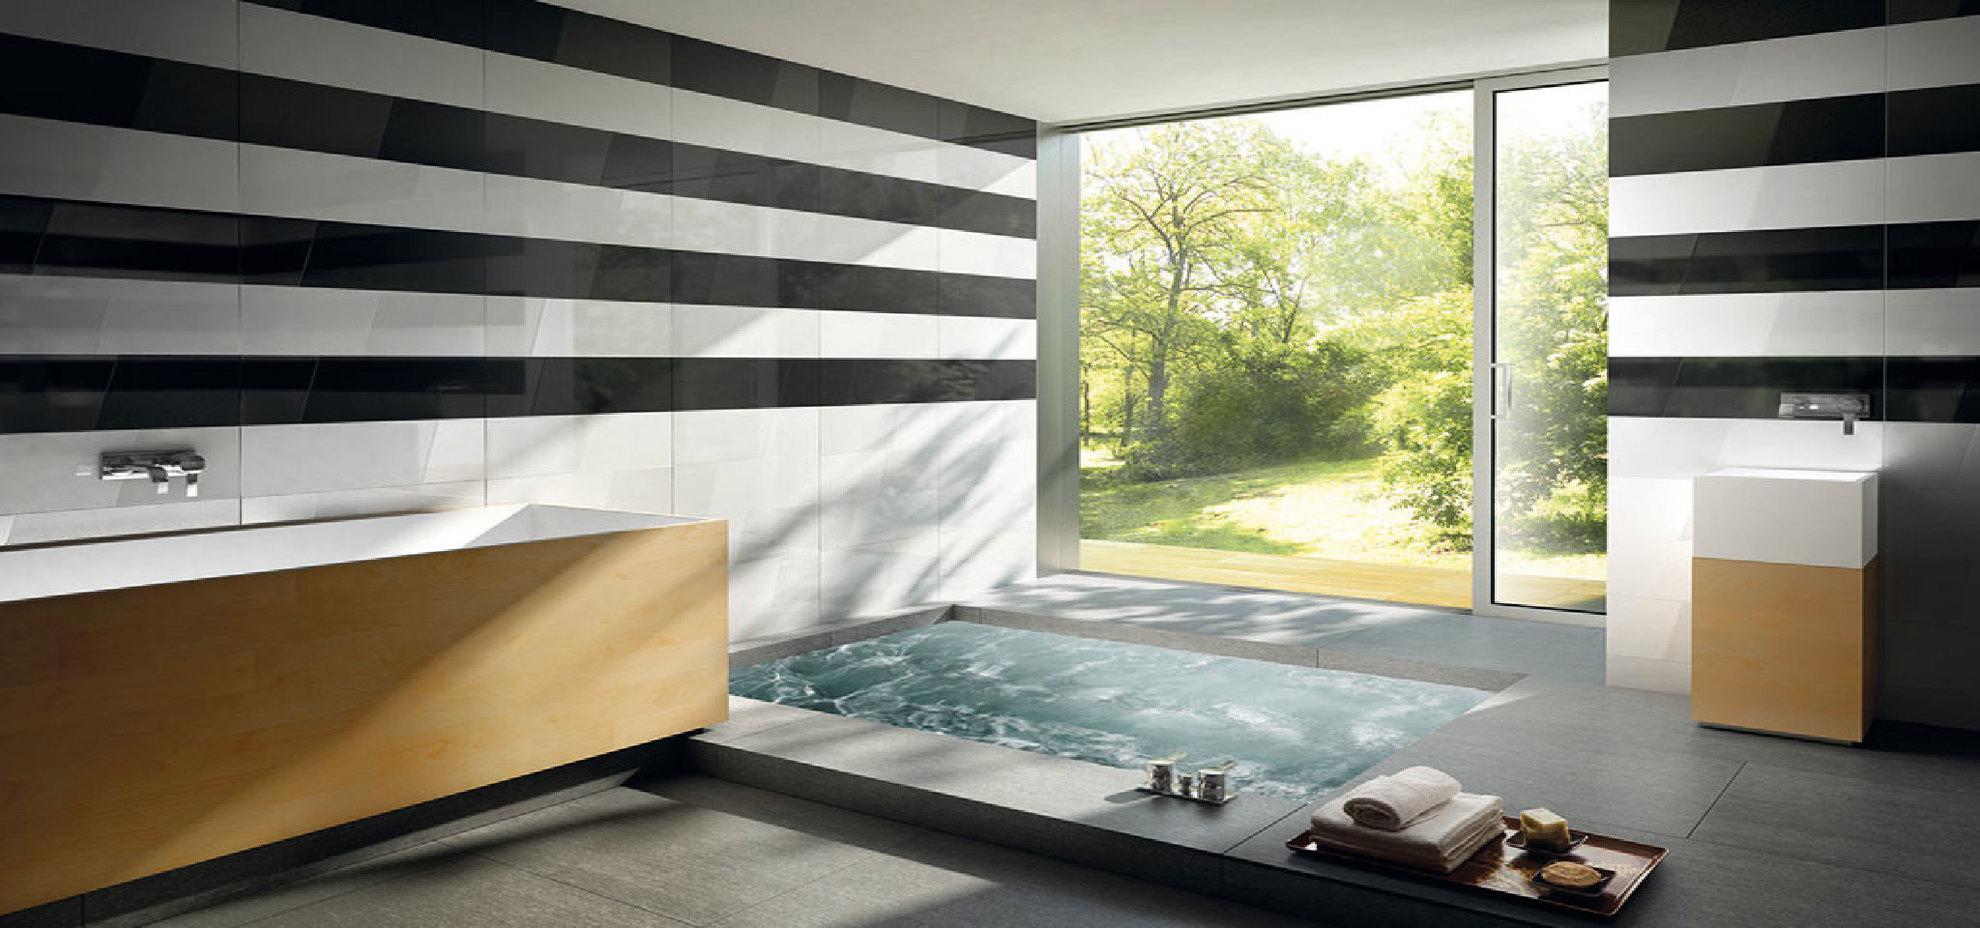 Meuble Salle De Bain Coktail Scandinave ~ Des Surfaces En Gre S Cerame Pour Une Salle De Bain Ideale Floornature